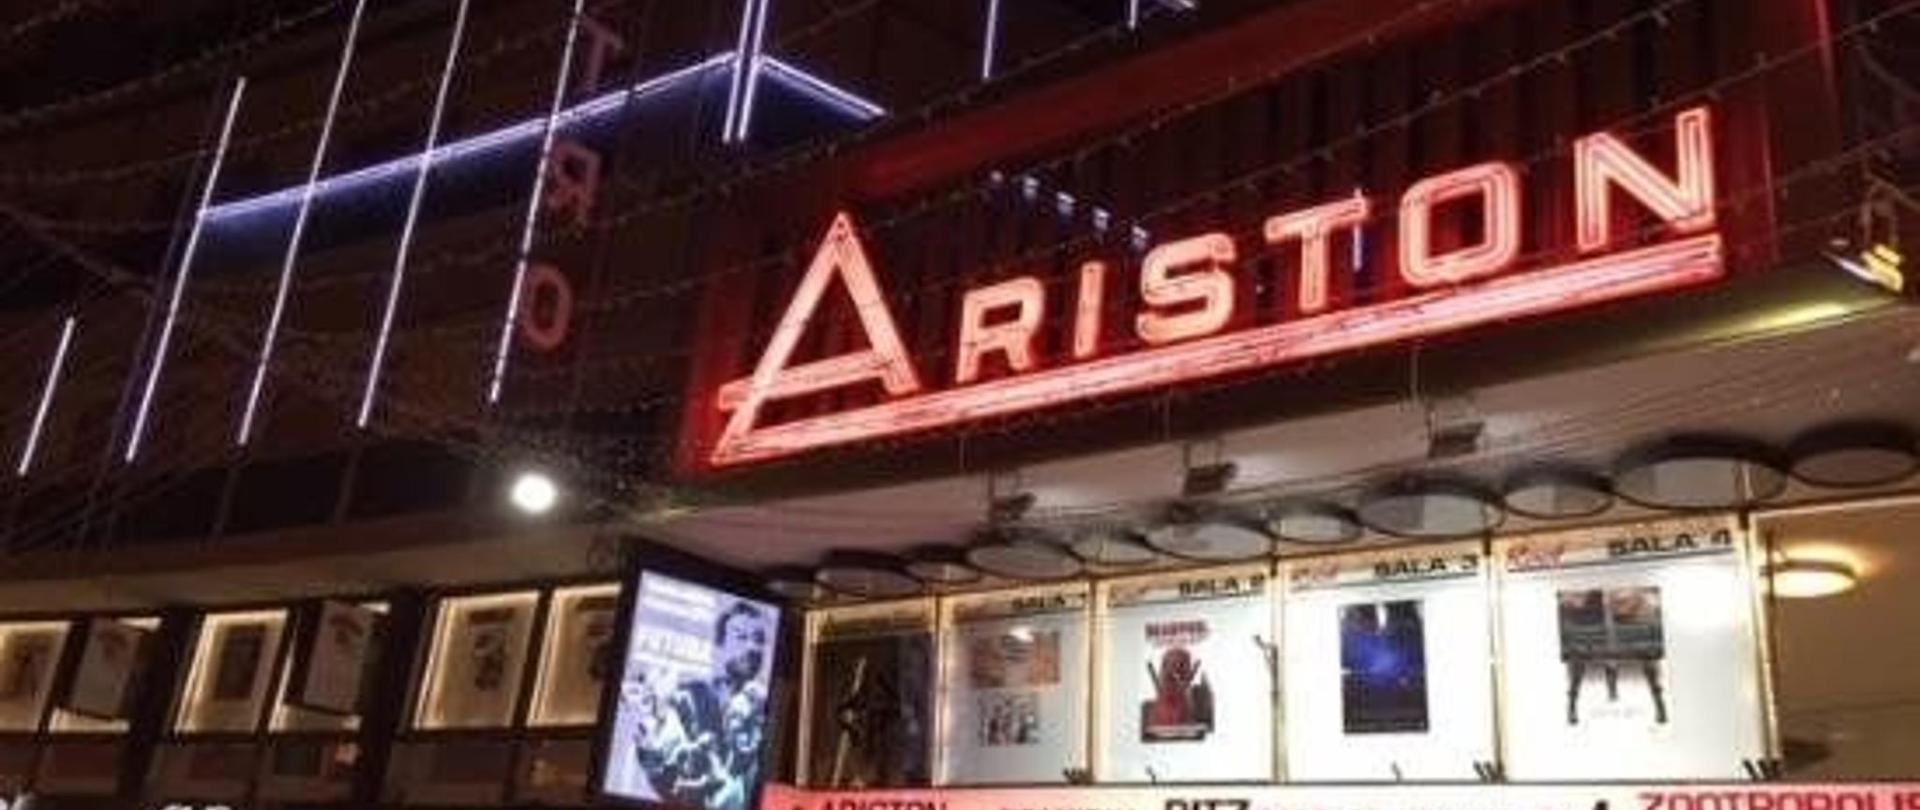 teatro-ariston.jpg